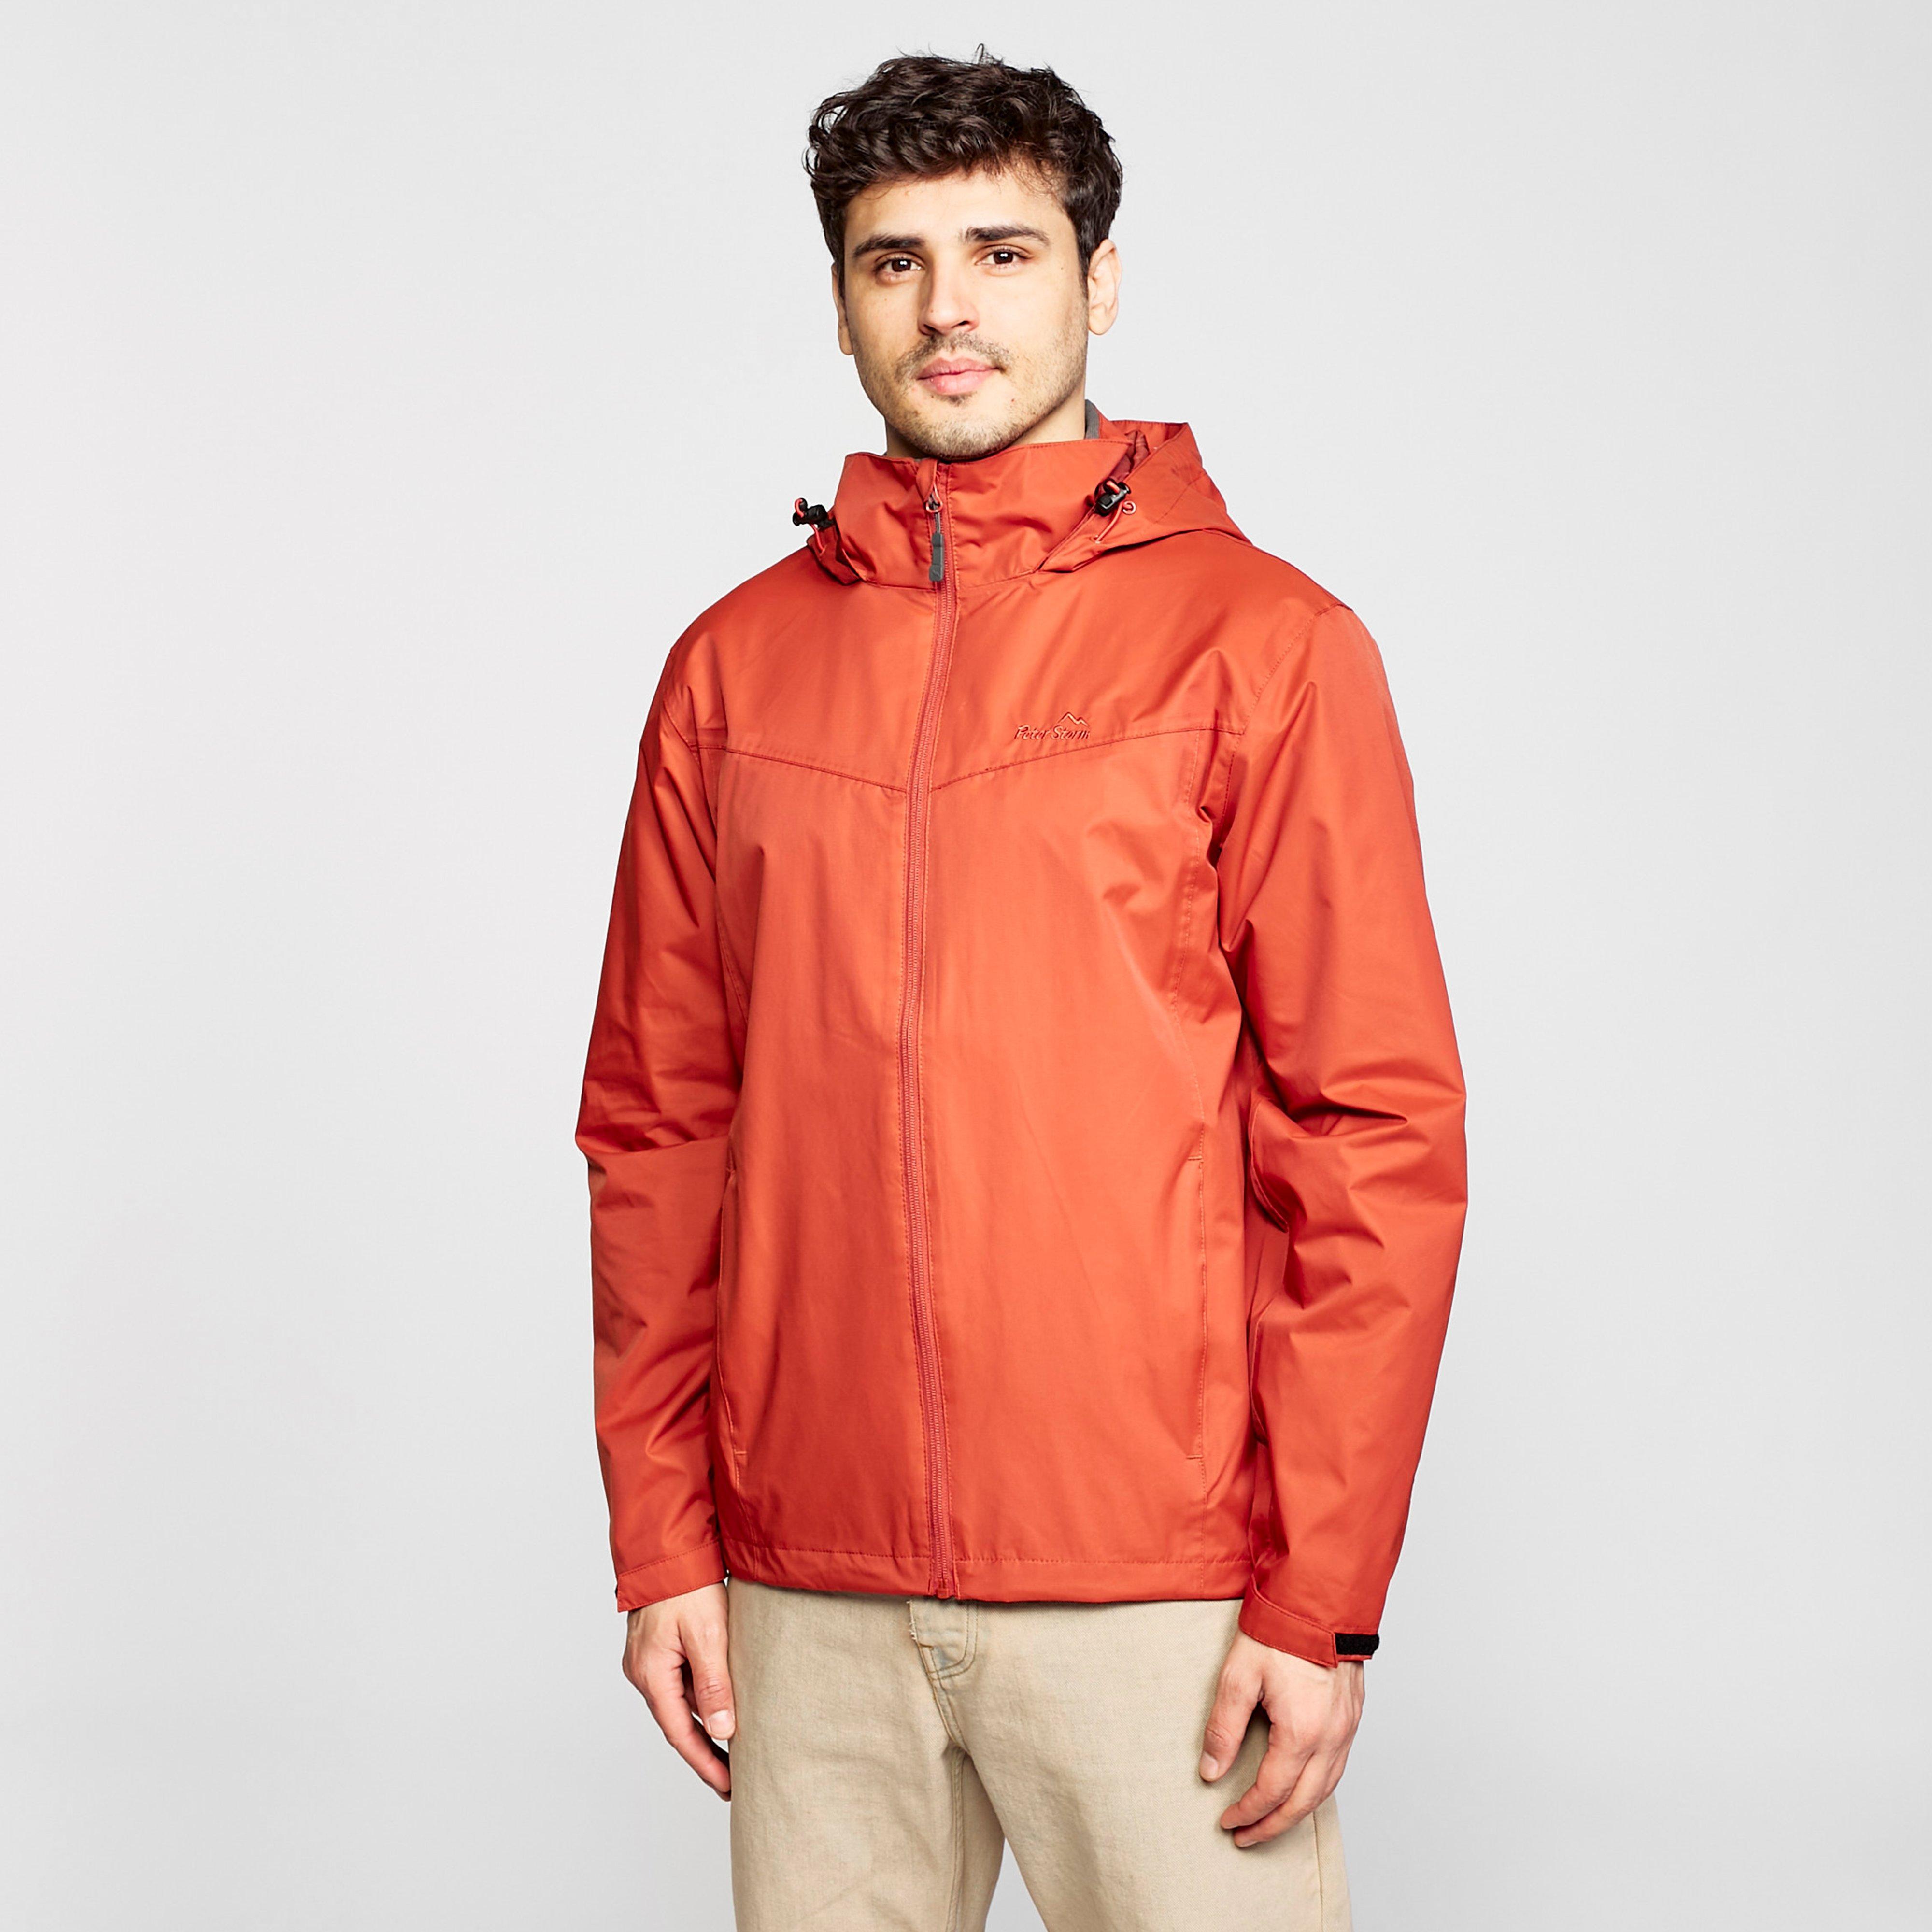 Peter Storm Men's Storm Iii Waterproof Jacket - Orange/Org, Orange